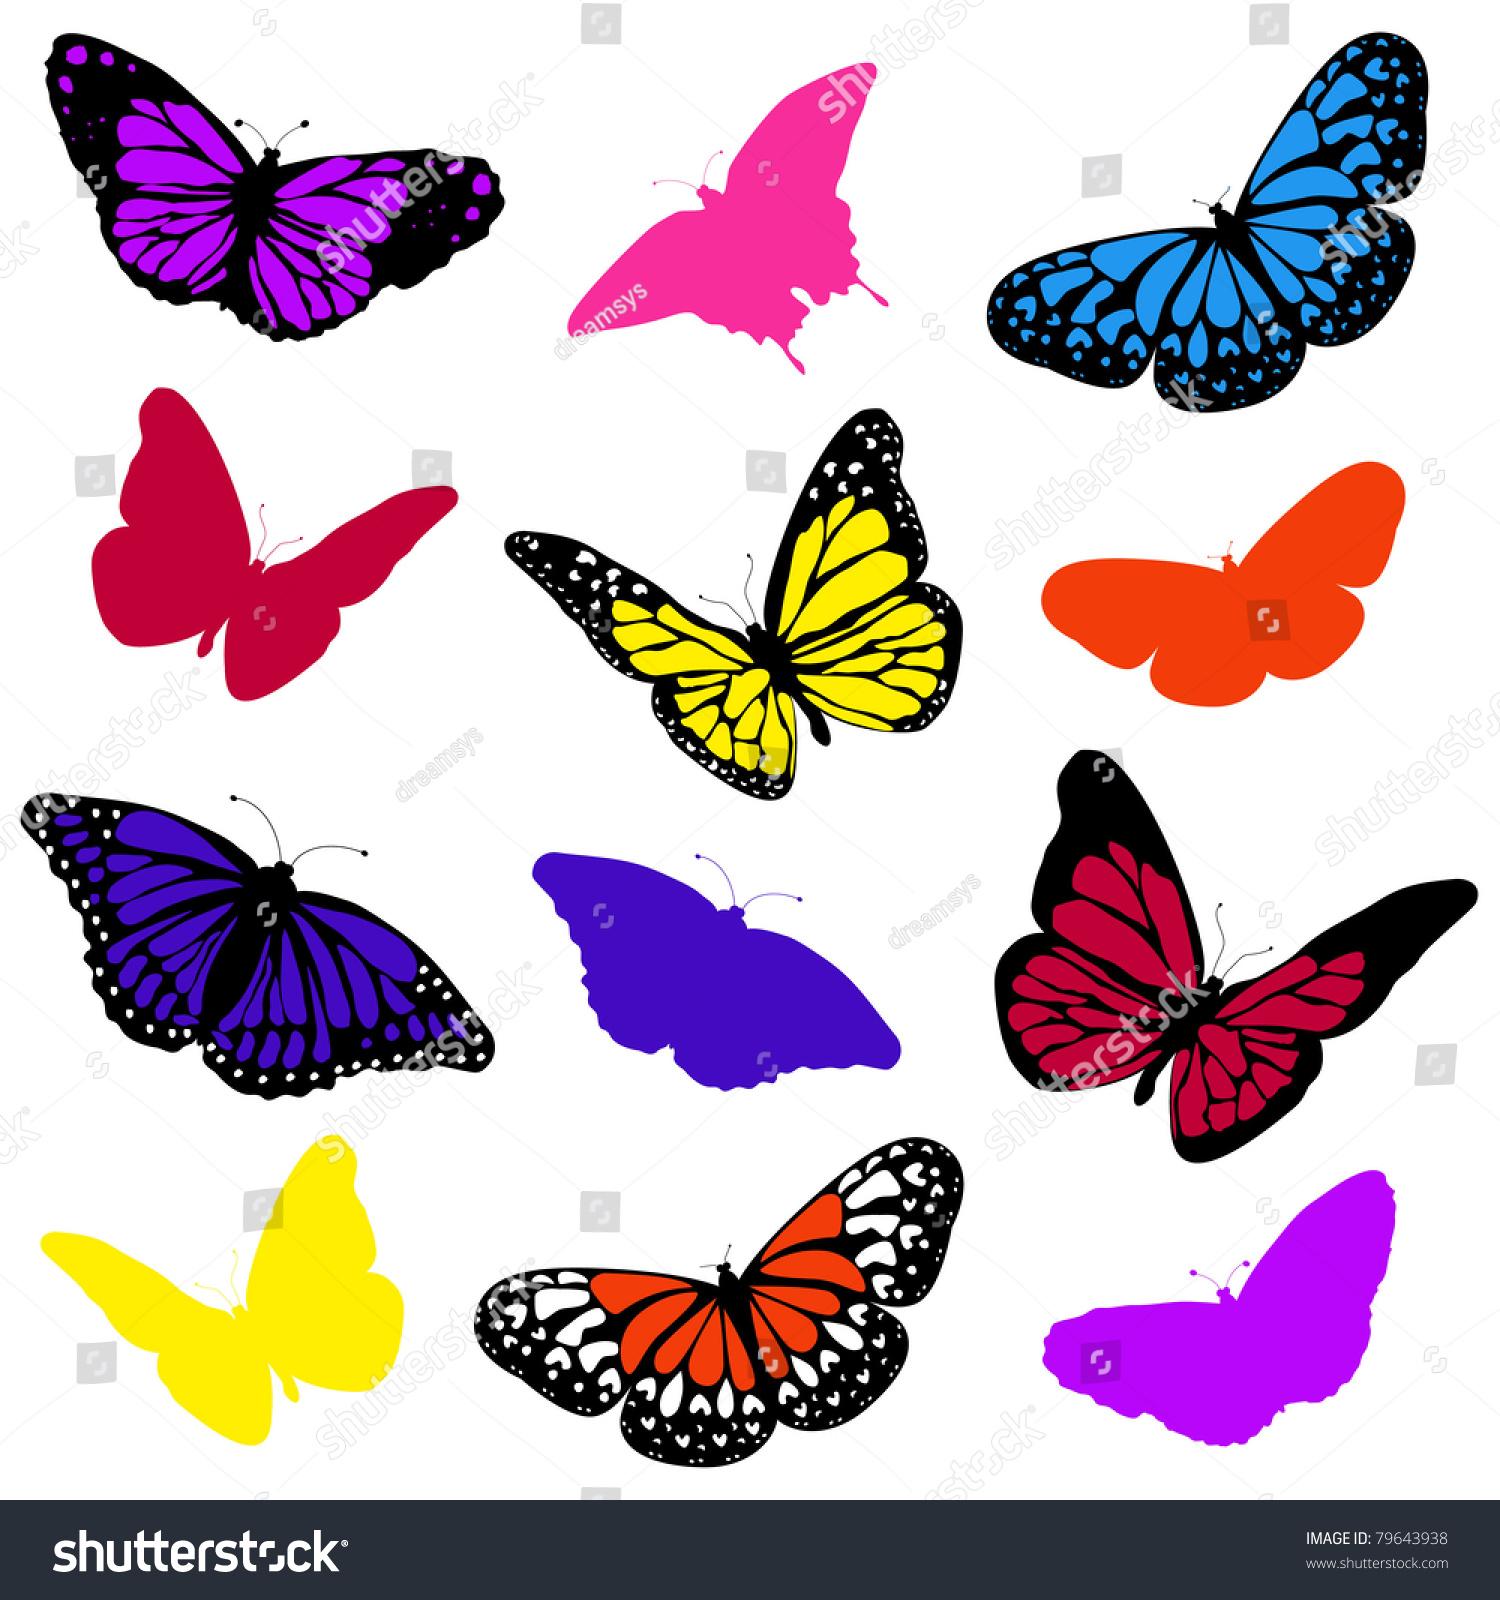 蝴蝶采集-动物/野生生物